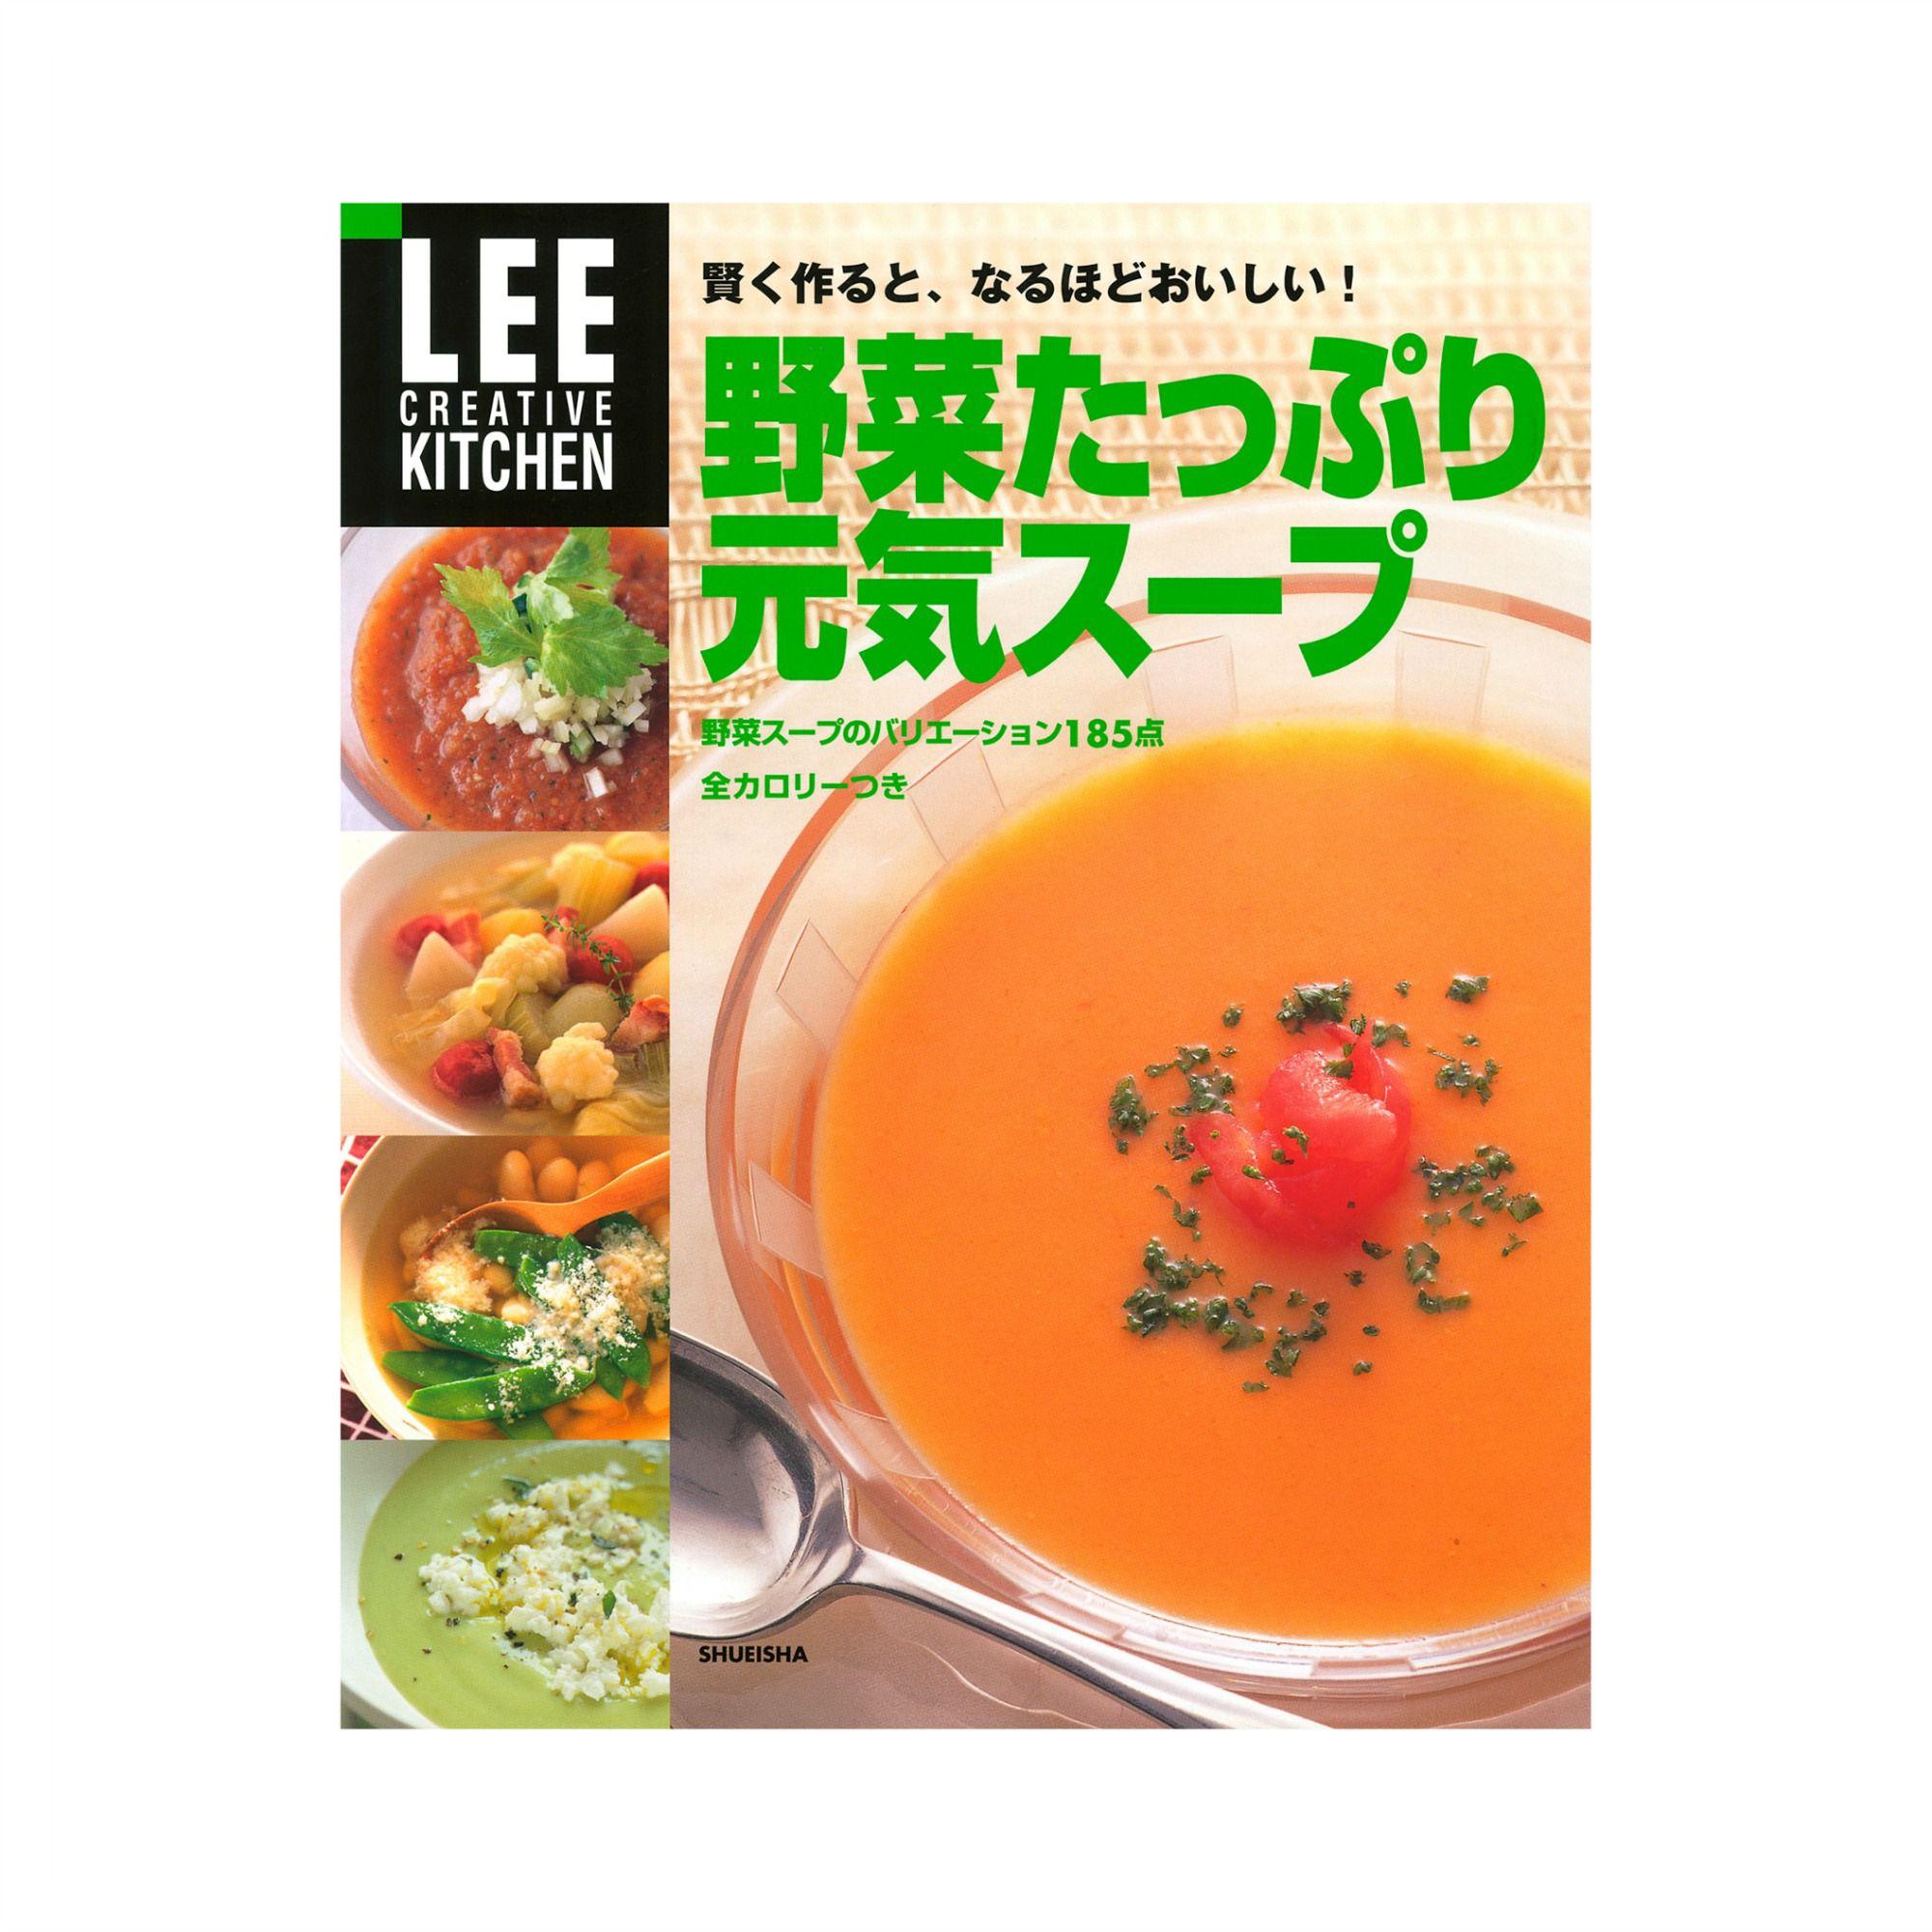 集英社 HAPPY PLUS STOREで買える「集英社(シュウエイシャ/LEE CREATIVE KITCHEN 野菜たっぷり元気スープ」の画像です。価格は1,320円になります。